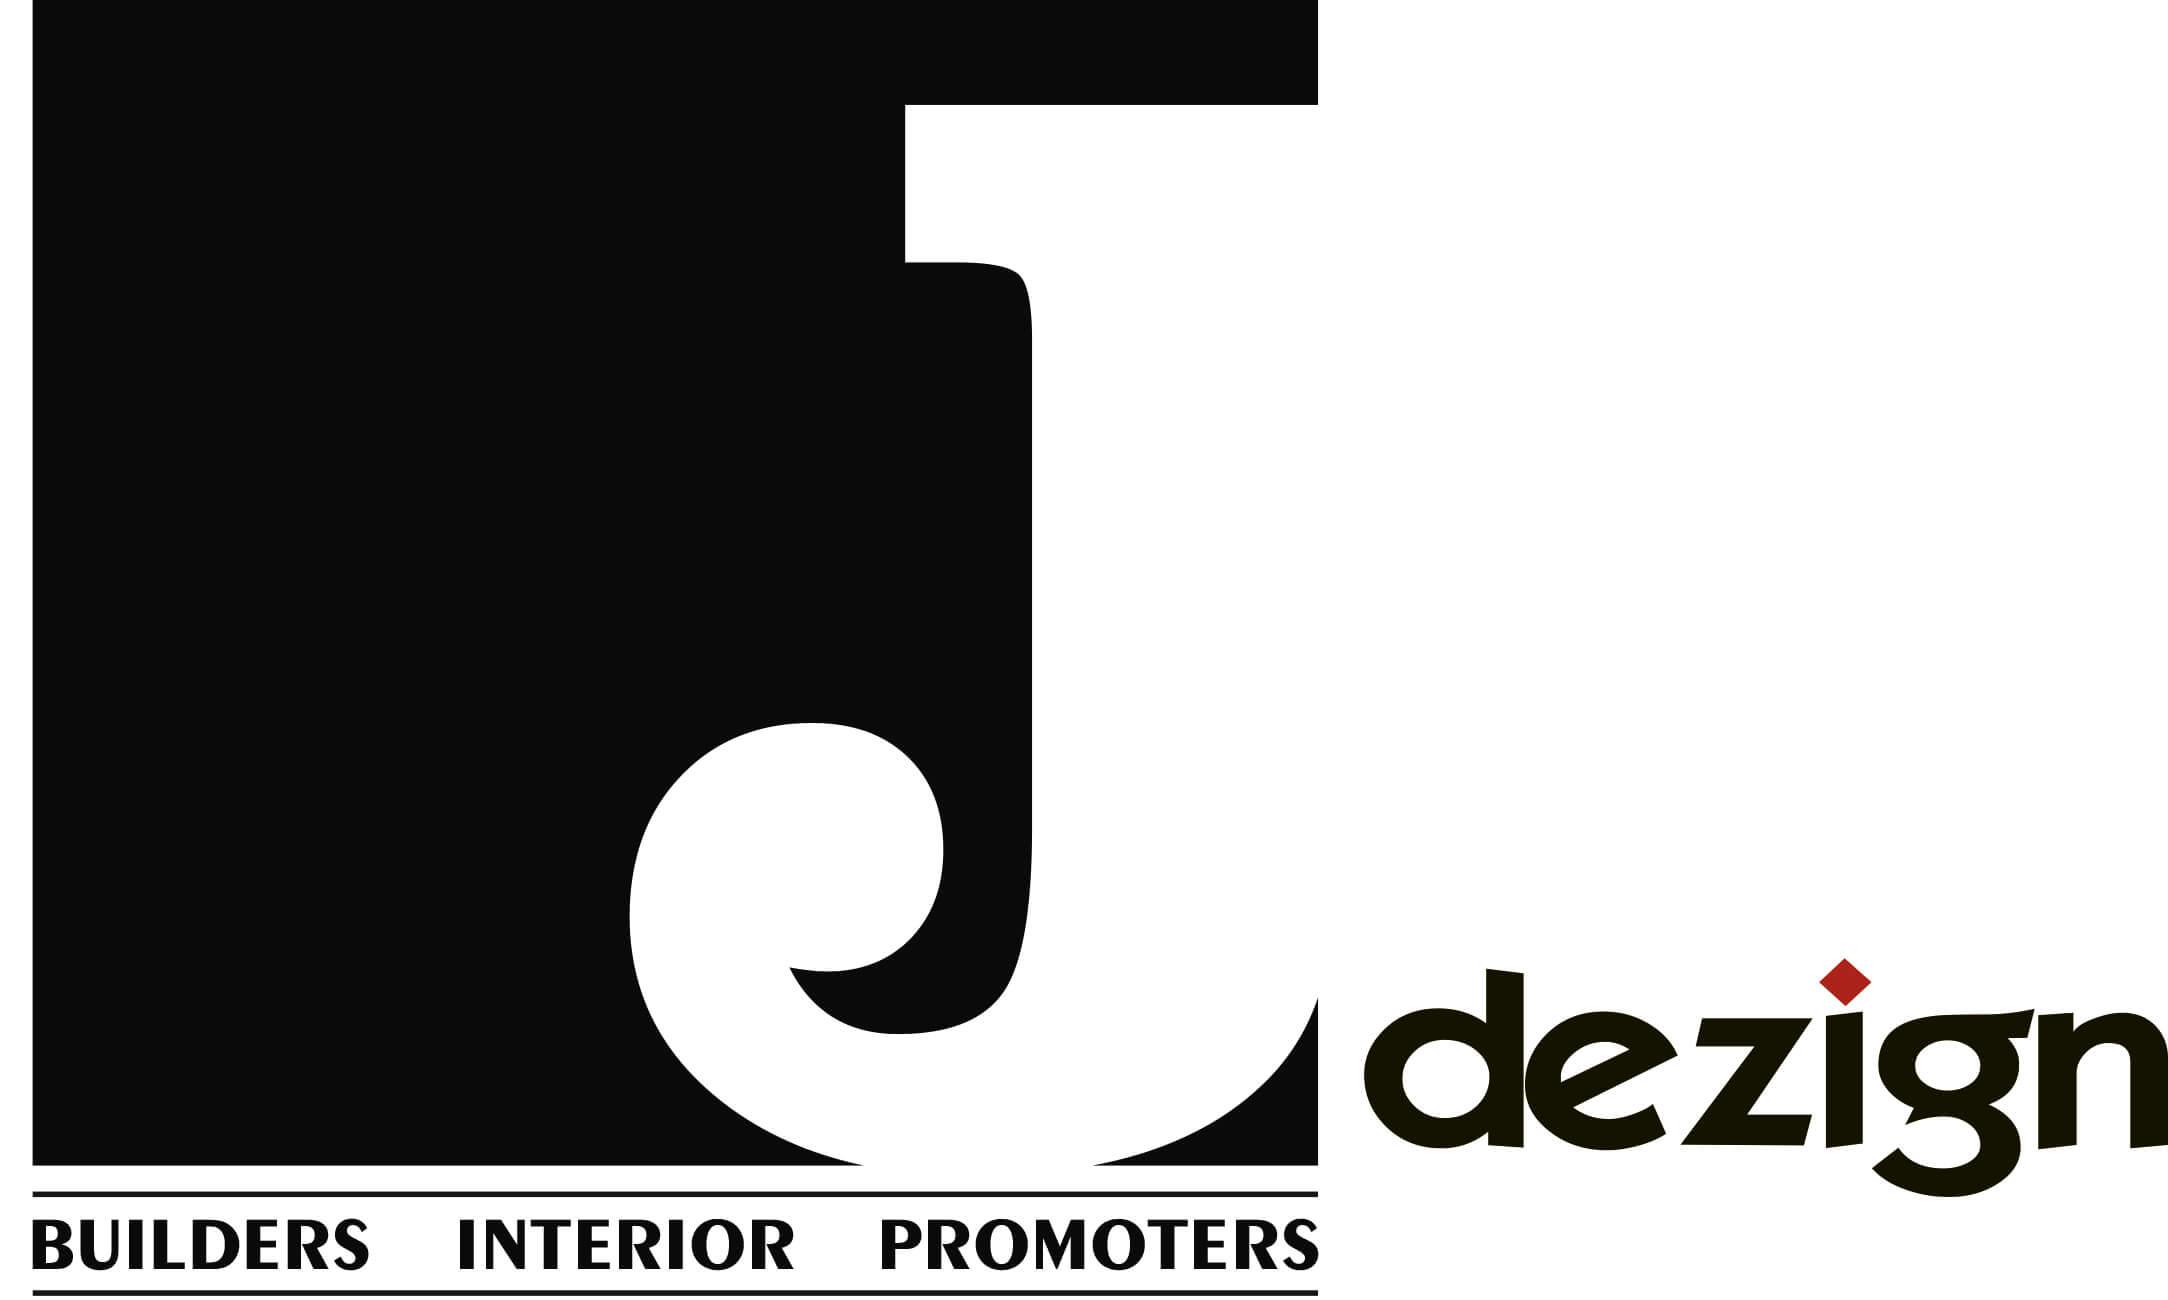 Jdezign.in